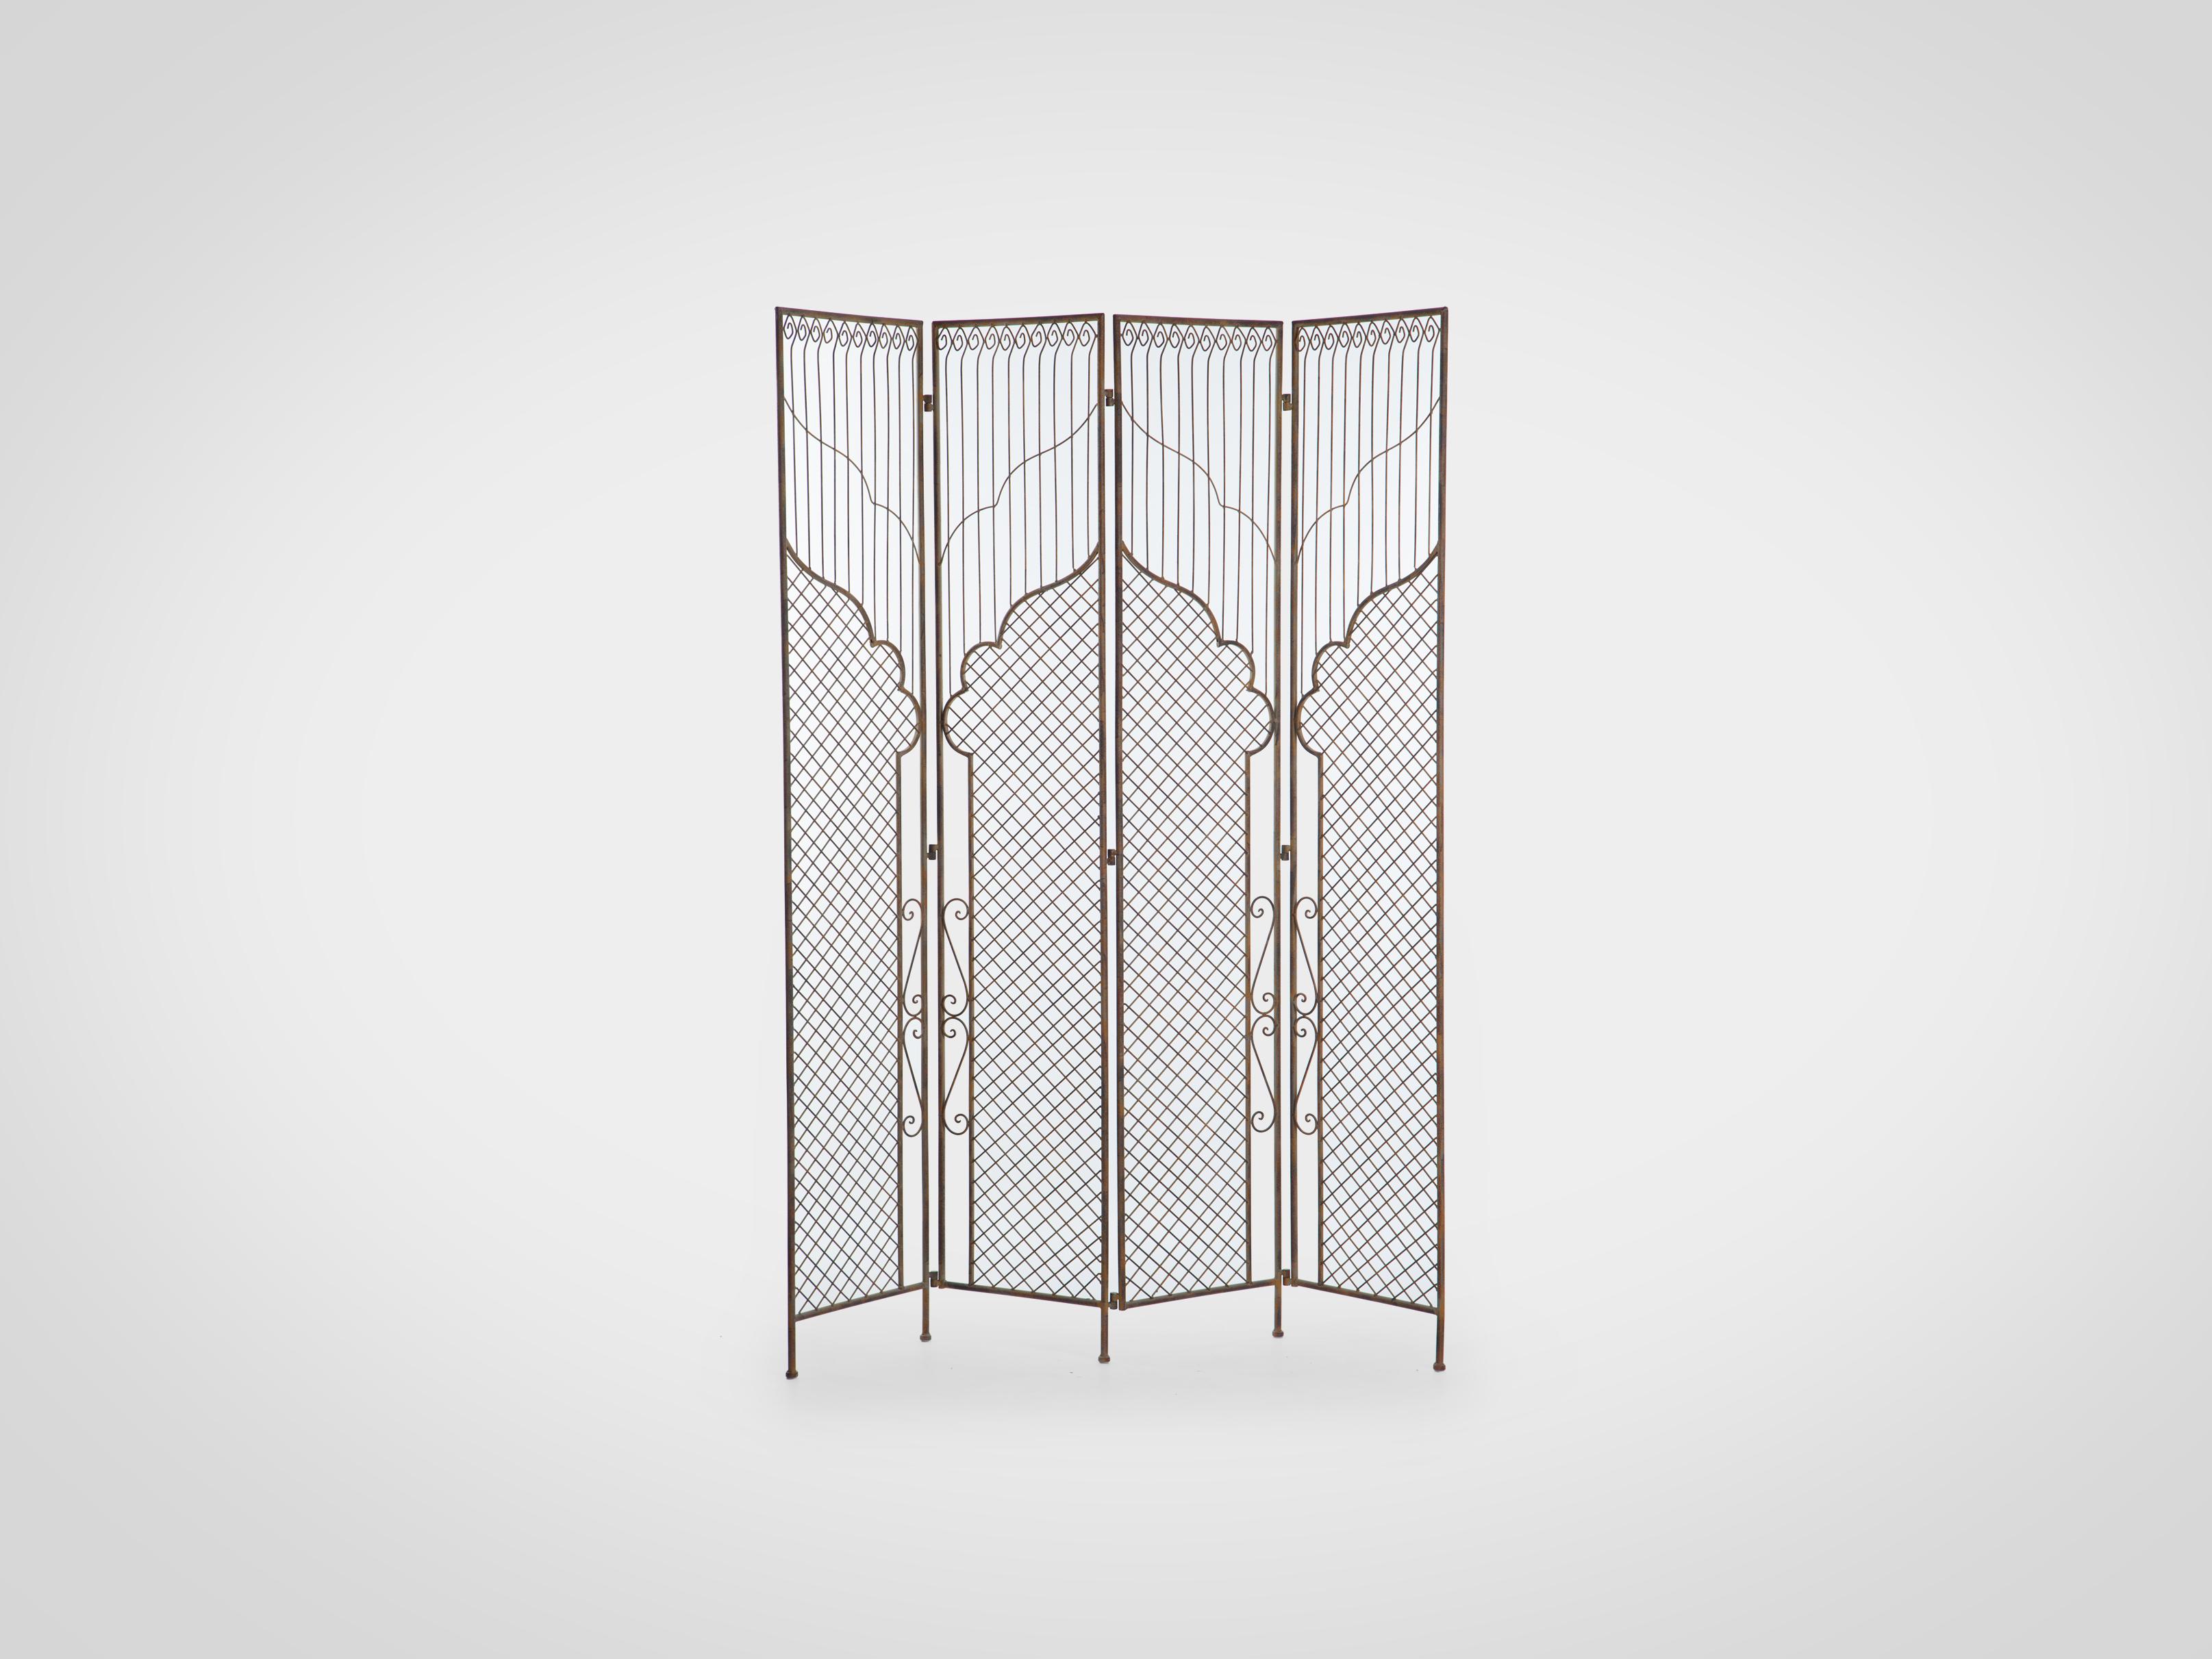 Купить Ширма кованая из четырех створок 185x148x3 см, inmyroom, Китай